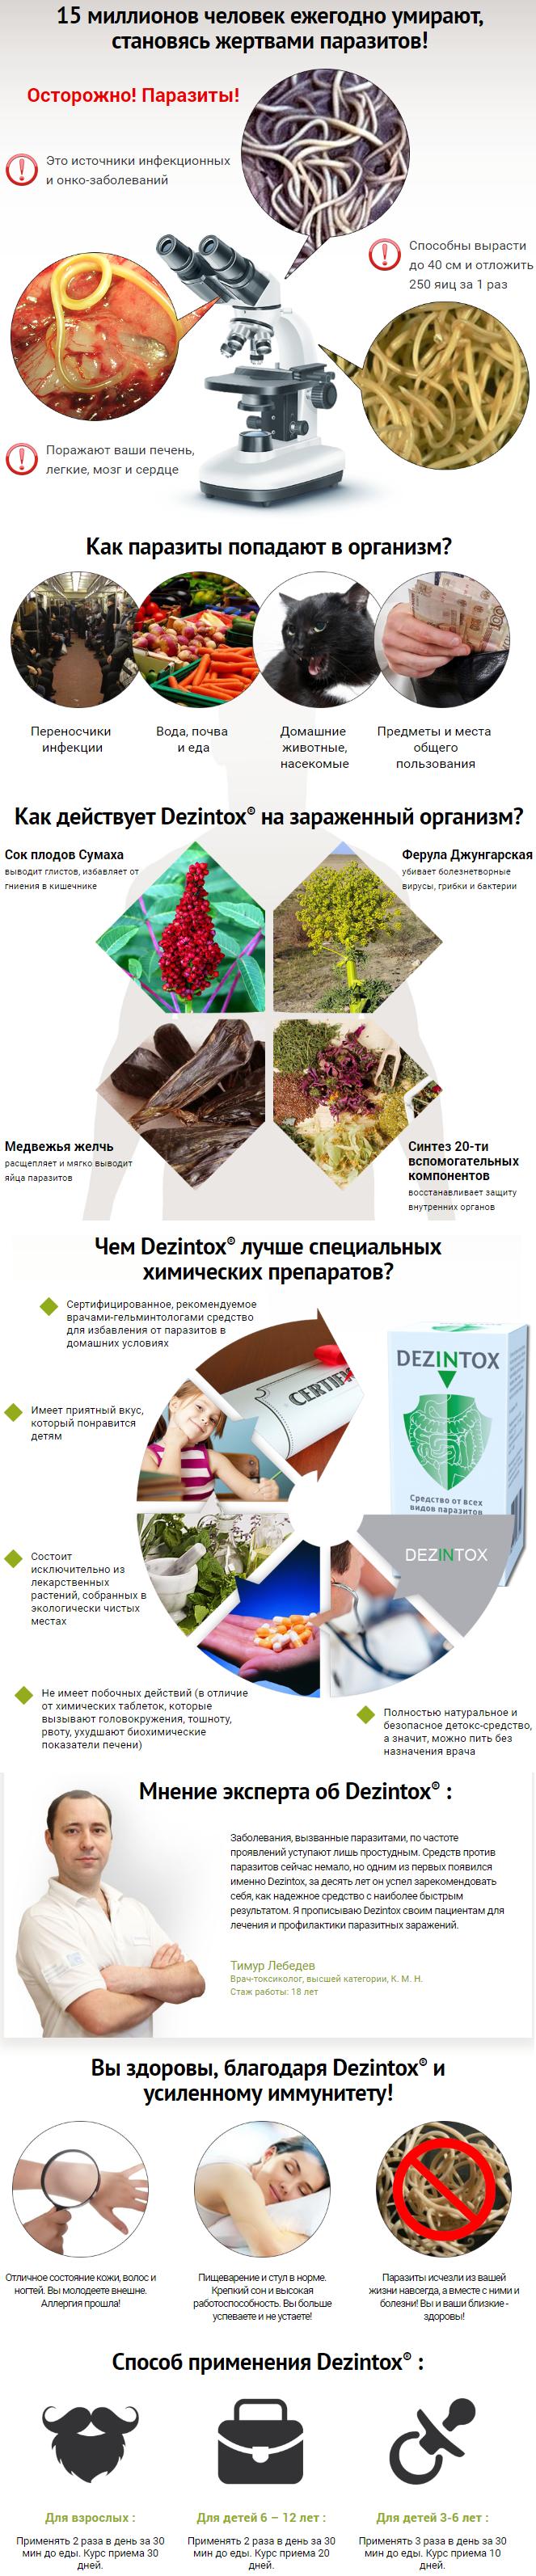 Dezintox (Дезинтокс) препарат от паразитов купить